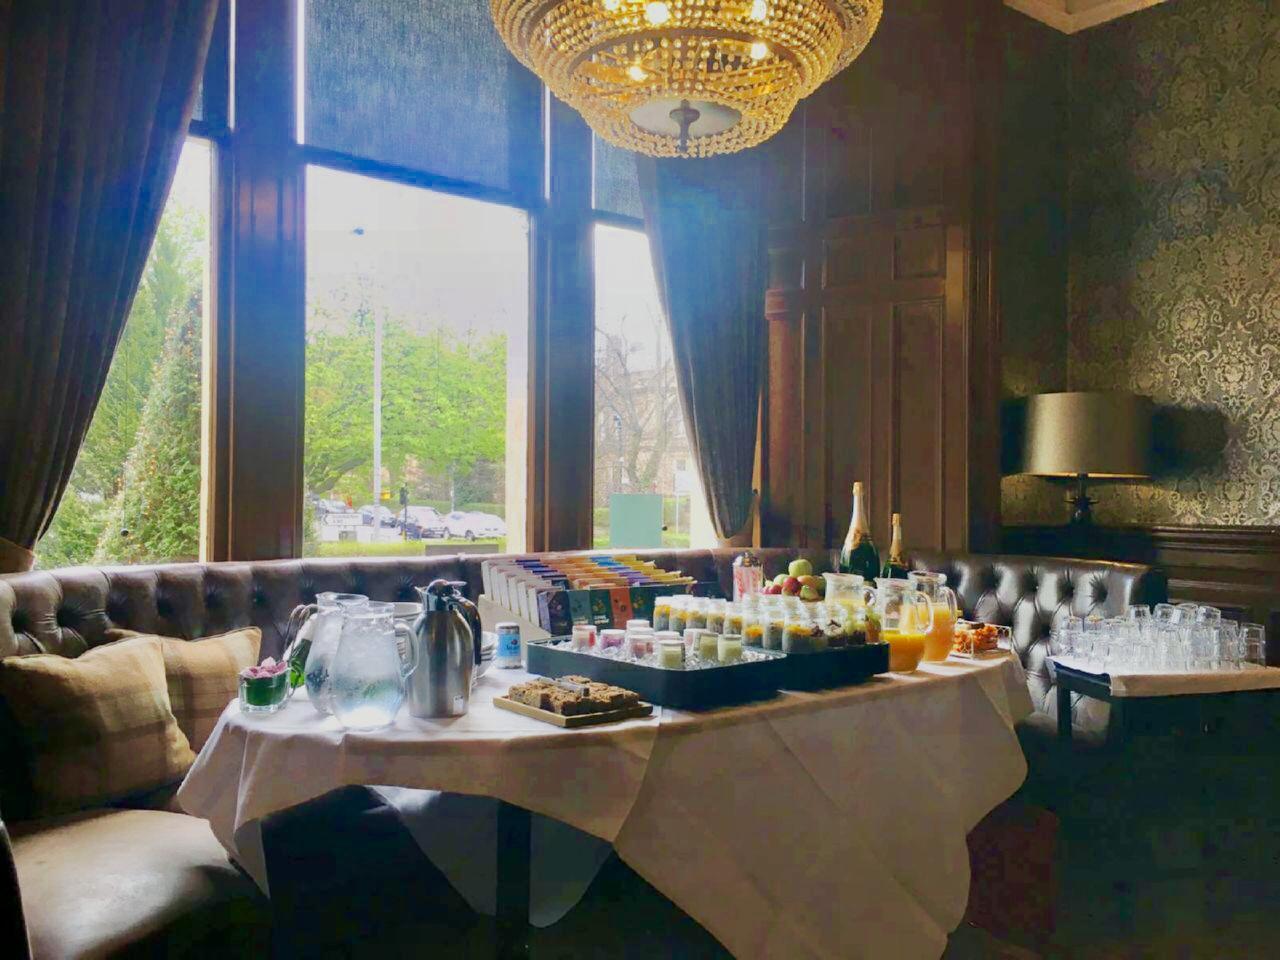 Hotel du Vin Glasgow review